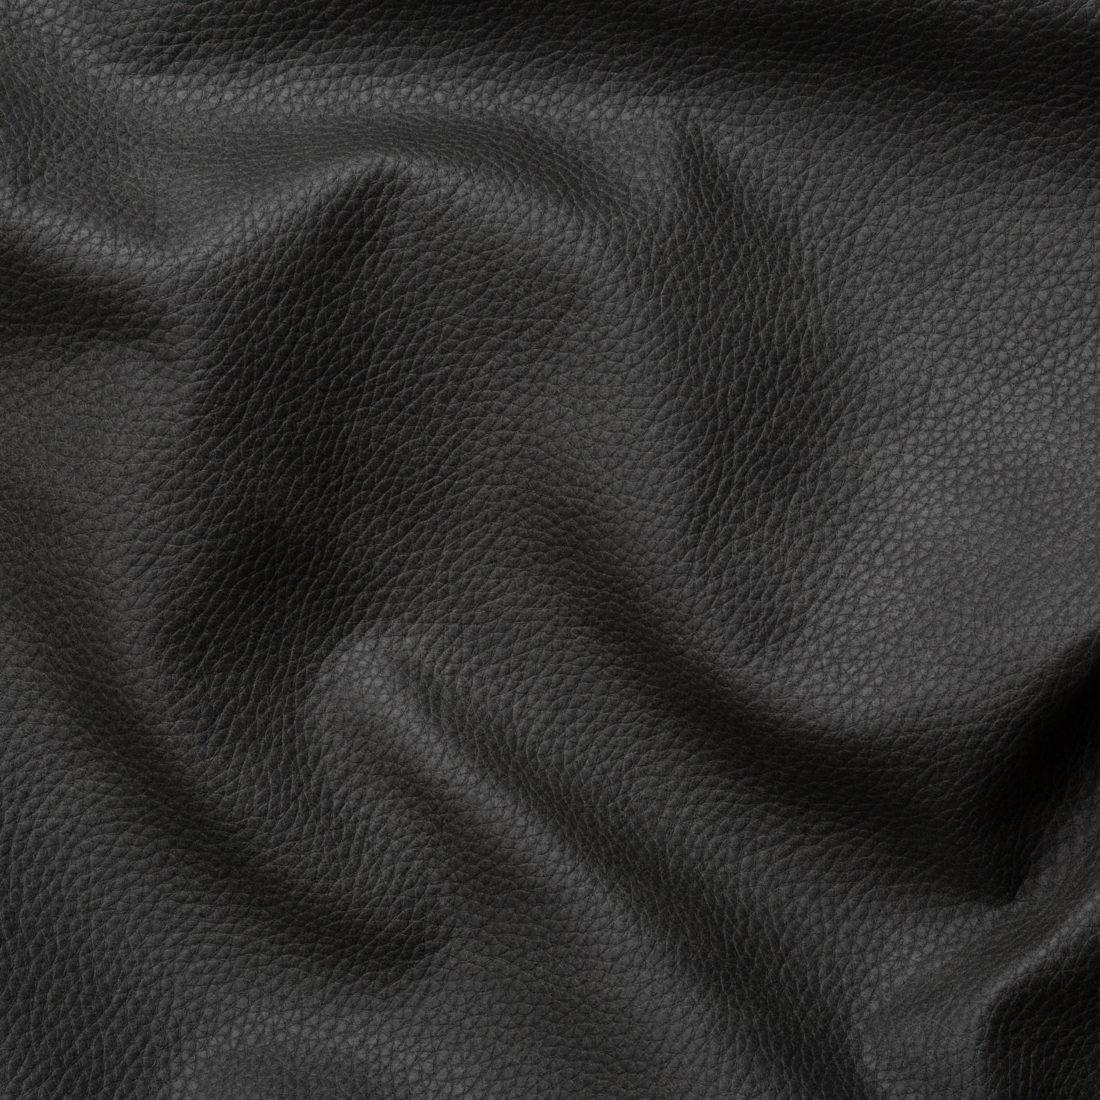 Мебельная ткань Wave 112 Black, искусственная кожа